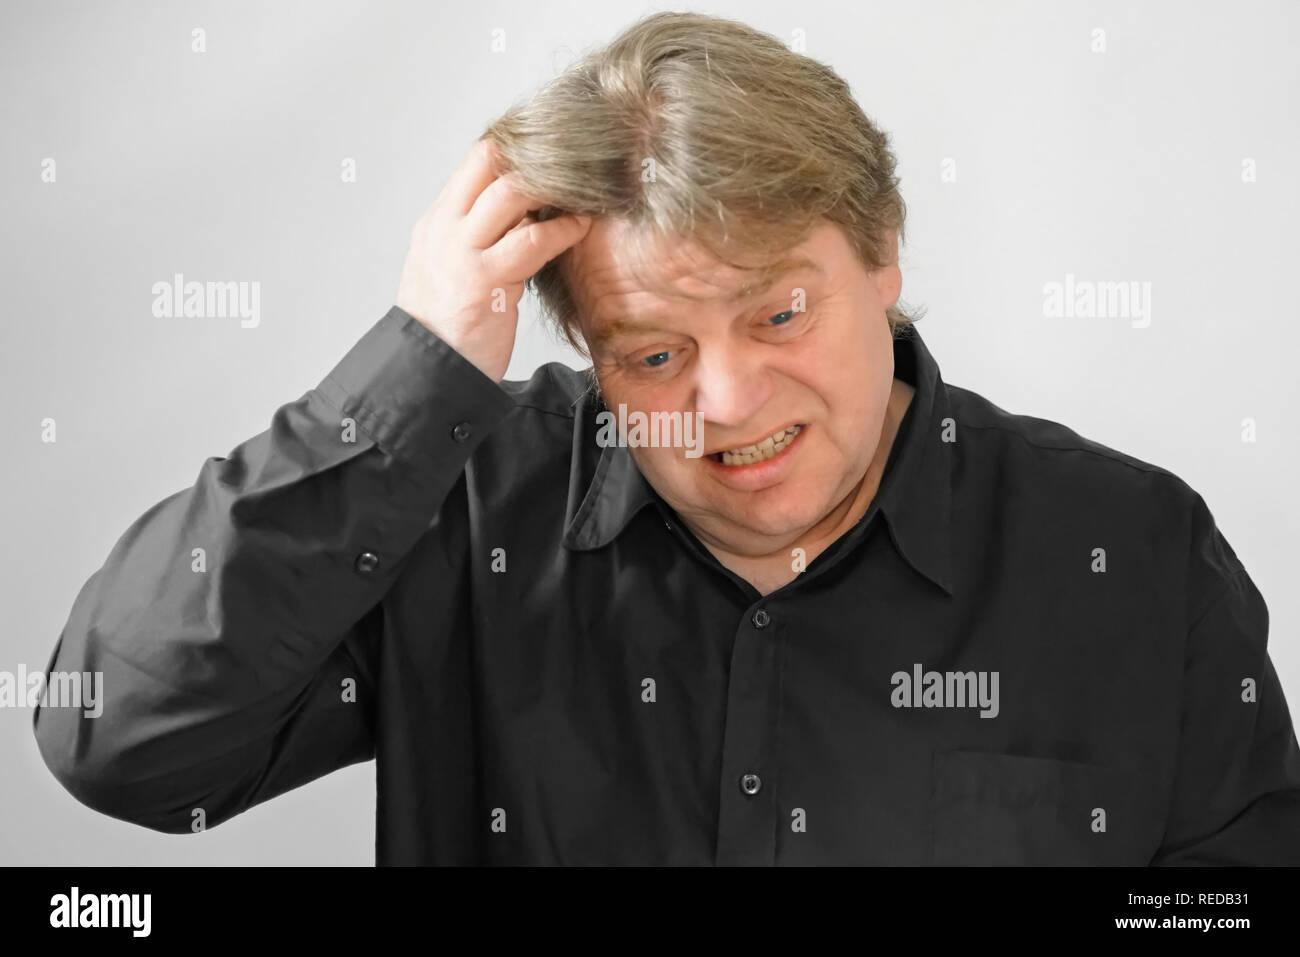 50 Jahre alter Mann mit heller Haut und blonden Haaren ist mit Verlust. Das Gesicht zeigt viel Mimik beim Denken. Kratzt er seinen Kopf zu remembe Stockbild